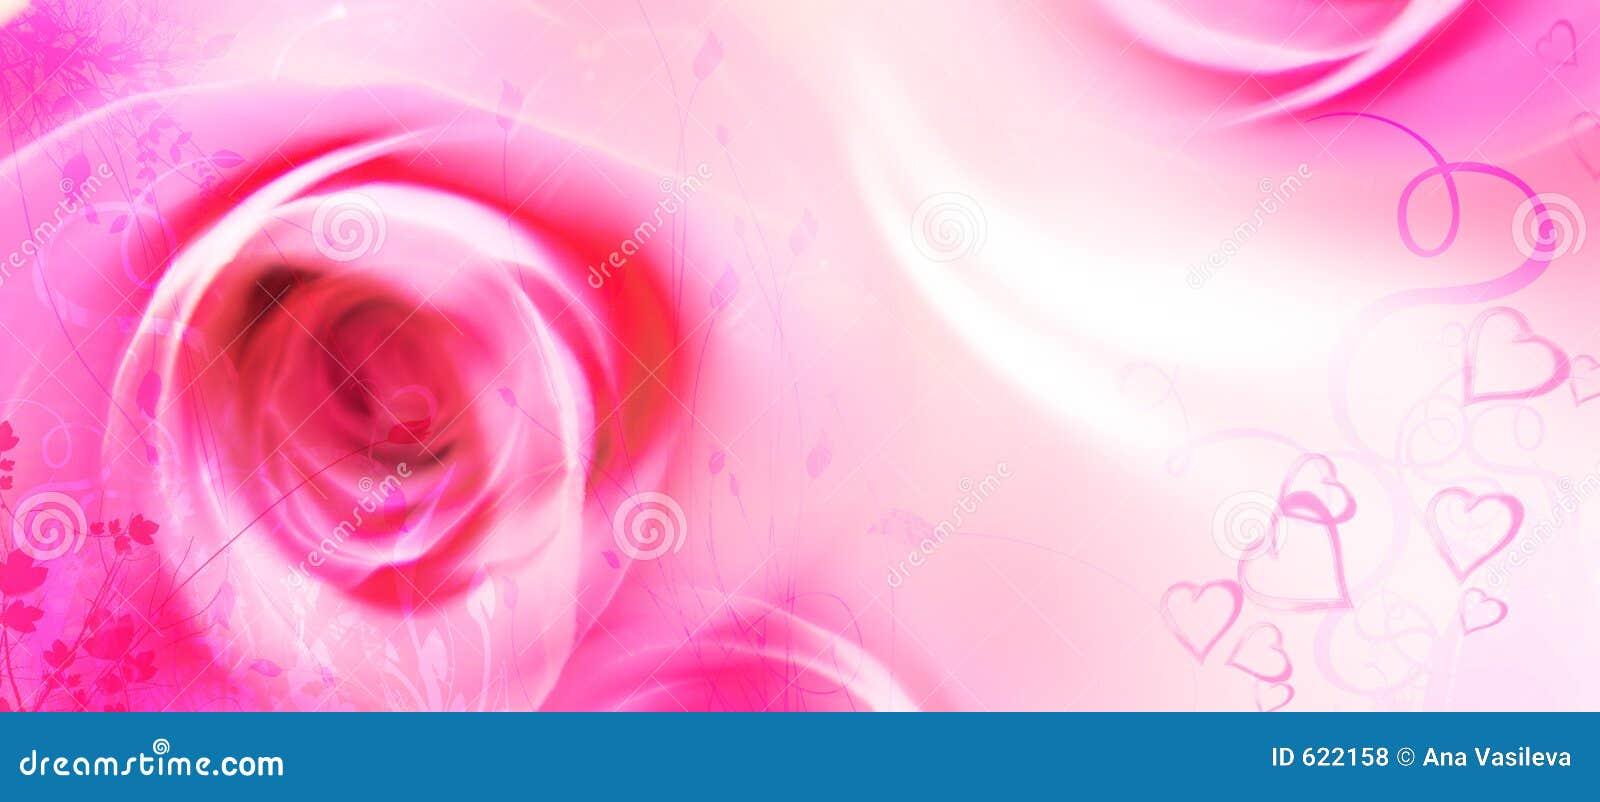 De Kaart van de Groet van de liefde - St Valentijnskaart - Bloemen - Rozen, Harten